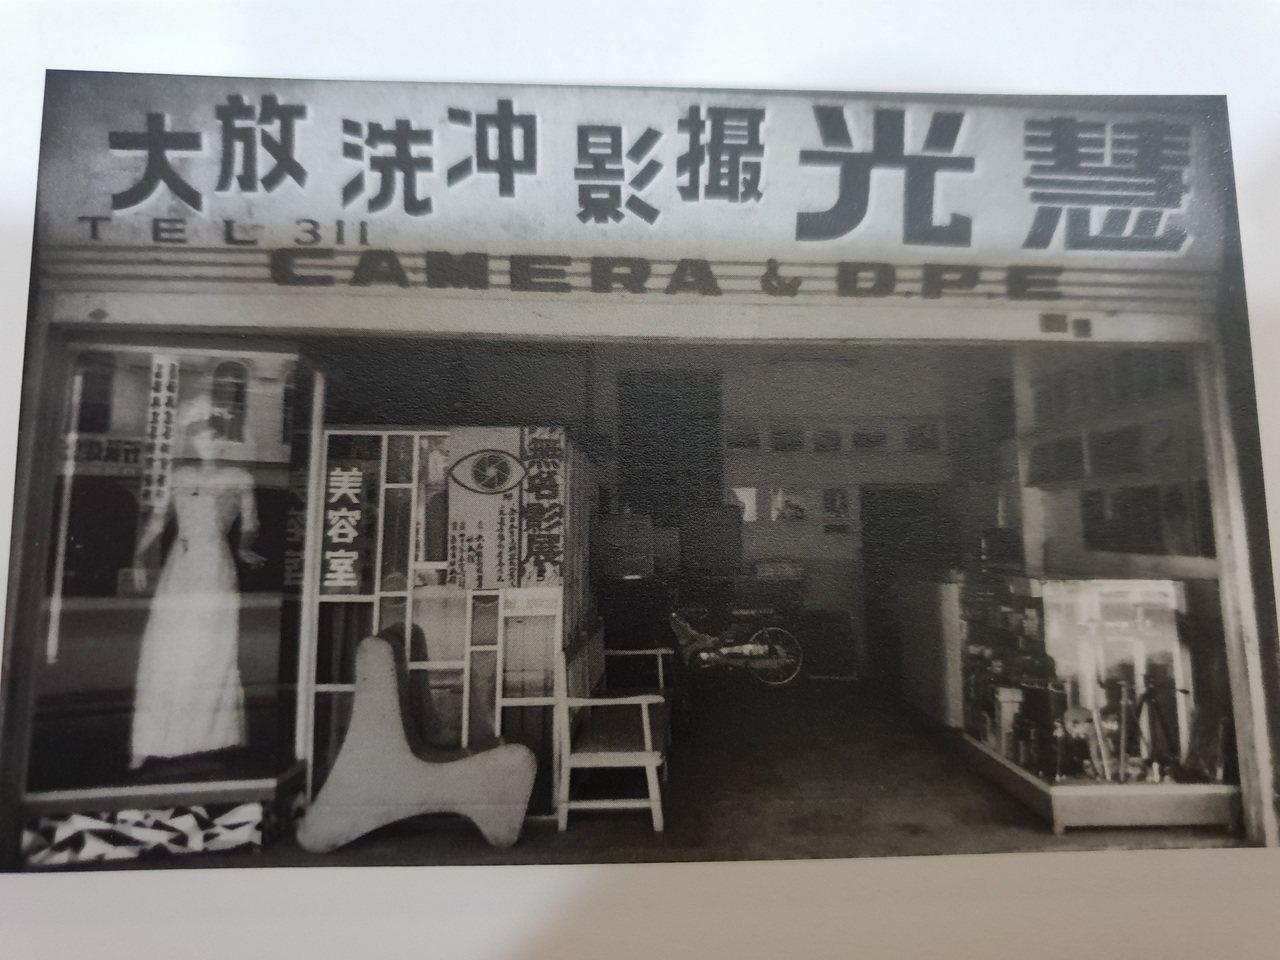 1964年開始包套婚紗攝影的「慧光攝影」,可能是台灣第一間婚紗攝影店。圖/國美館...